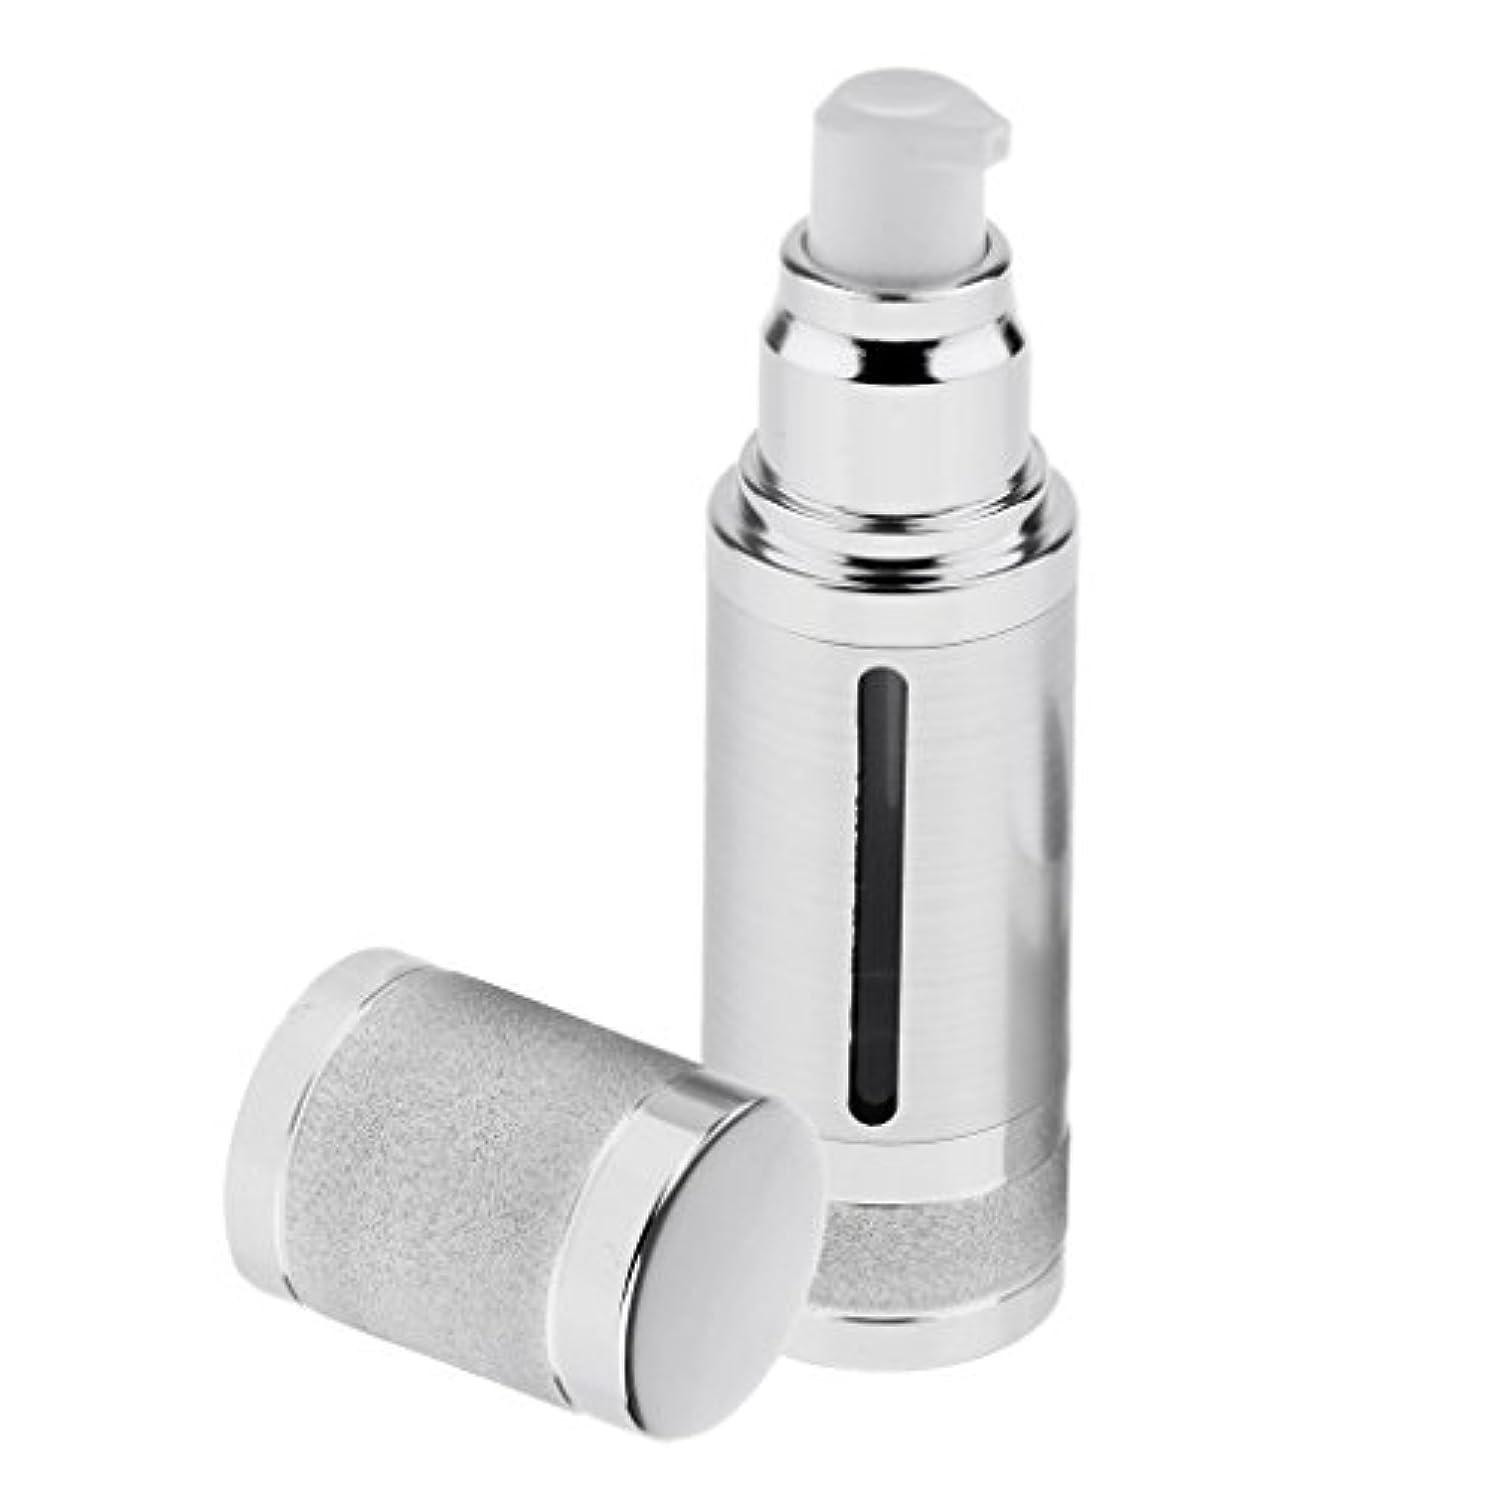 均等に光沢のある高潔なポンプボトル 空ボトル エアレスボトル 30ml ローション クリーム 化粧品 詰め替え 容器 DIY 2色選べる - 銀